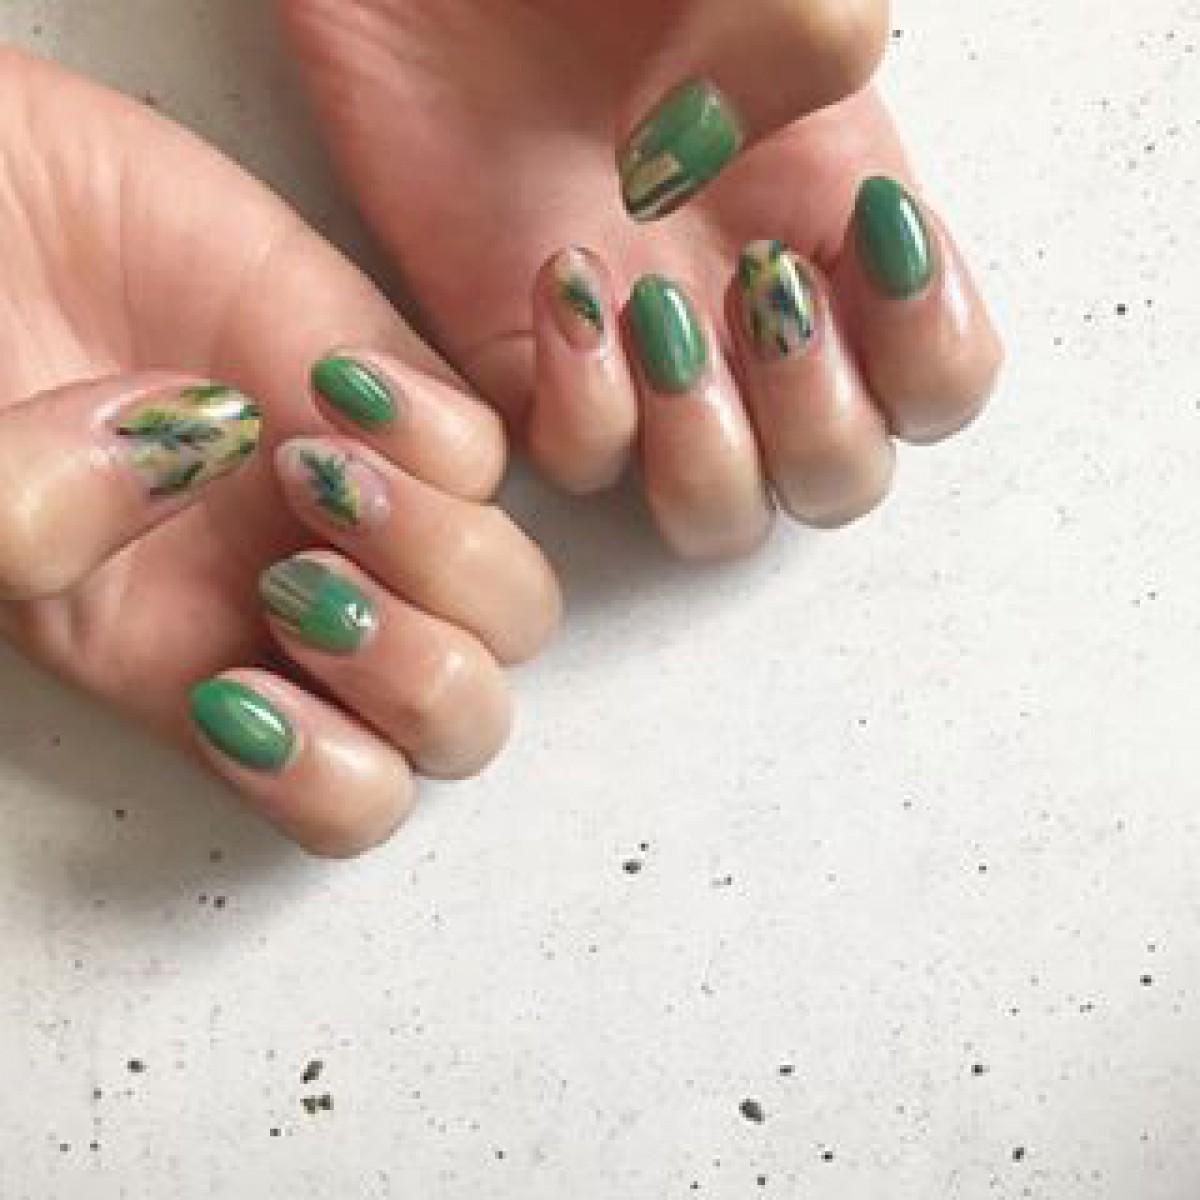 ミドリで好感度ぐぐ〜っと上げちゃう?癒しのグリーンカラーネイルデザイン集